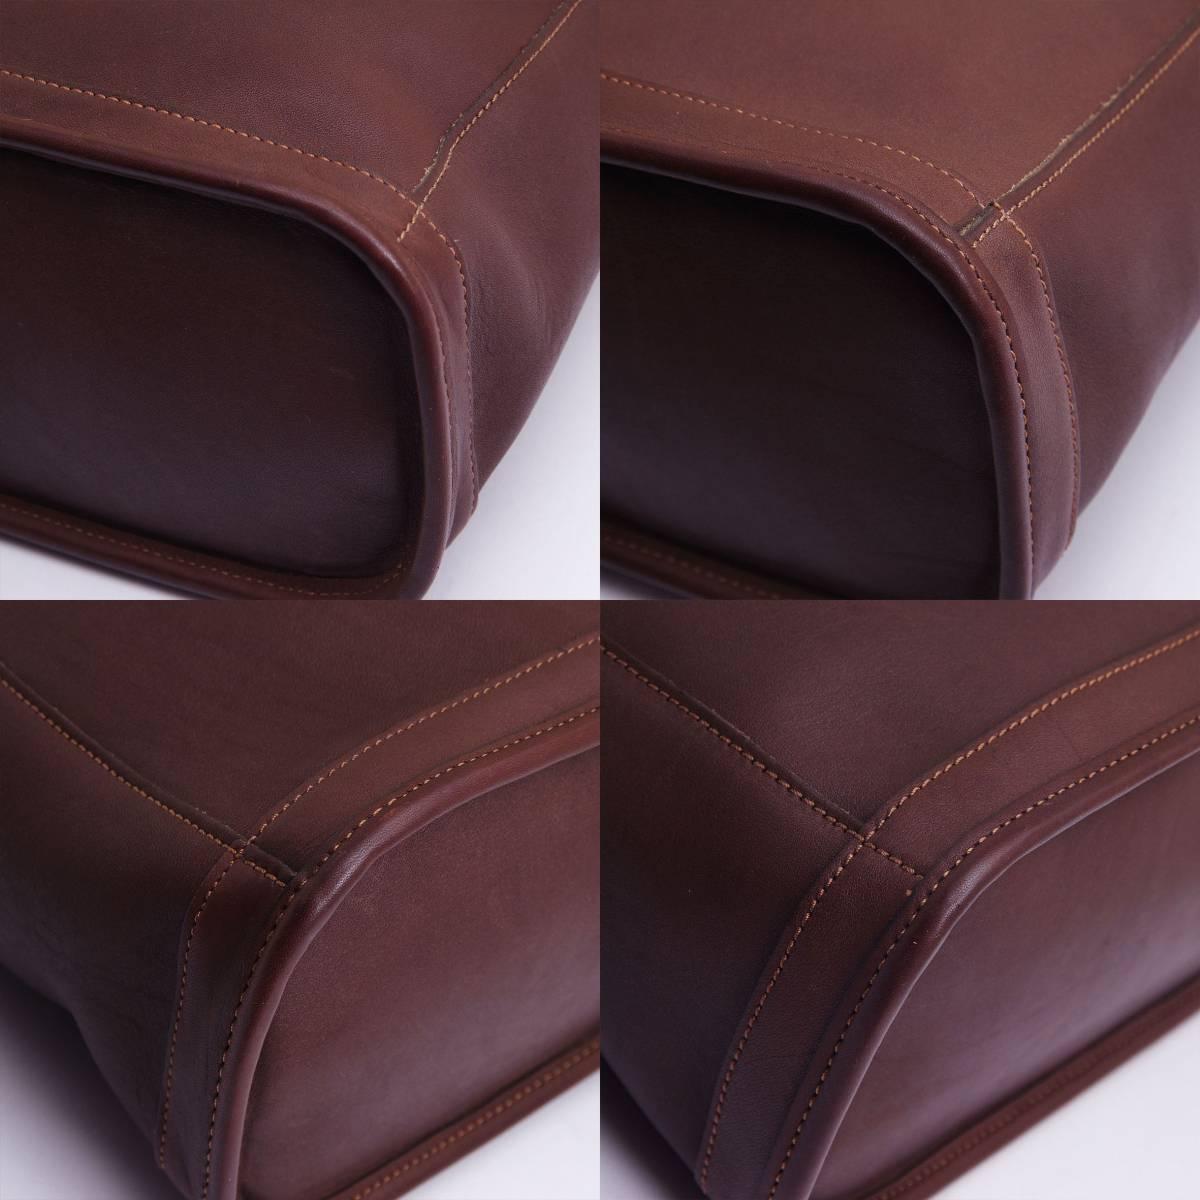 極美品 オールドコーチ アメリカ製 COACH トートバッグ ビジネスバッグ ダークブラウン レザー メンズバッグ 牛革 ヴィンテージ 定価6万_画像5